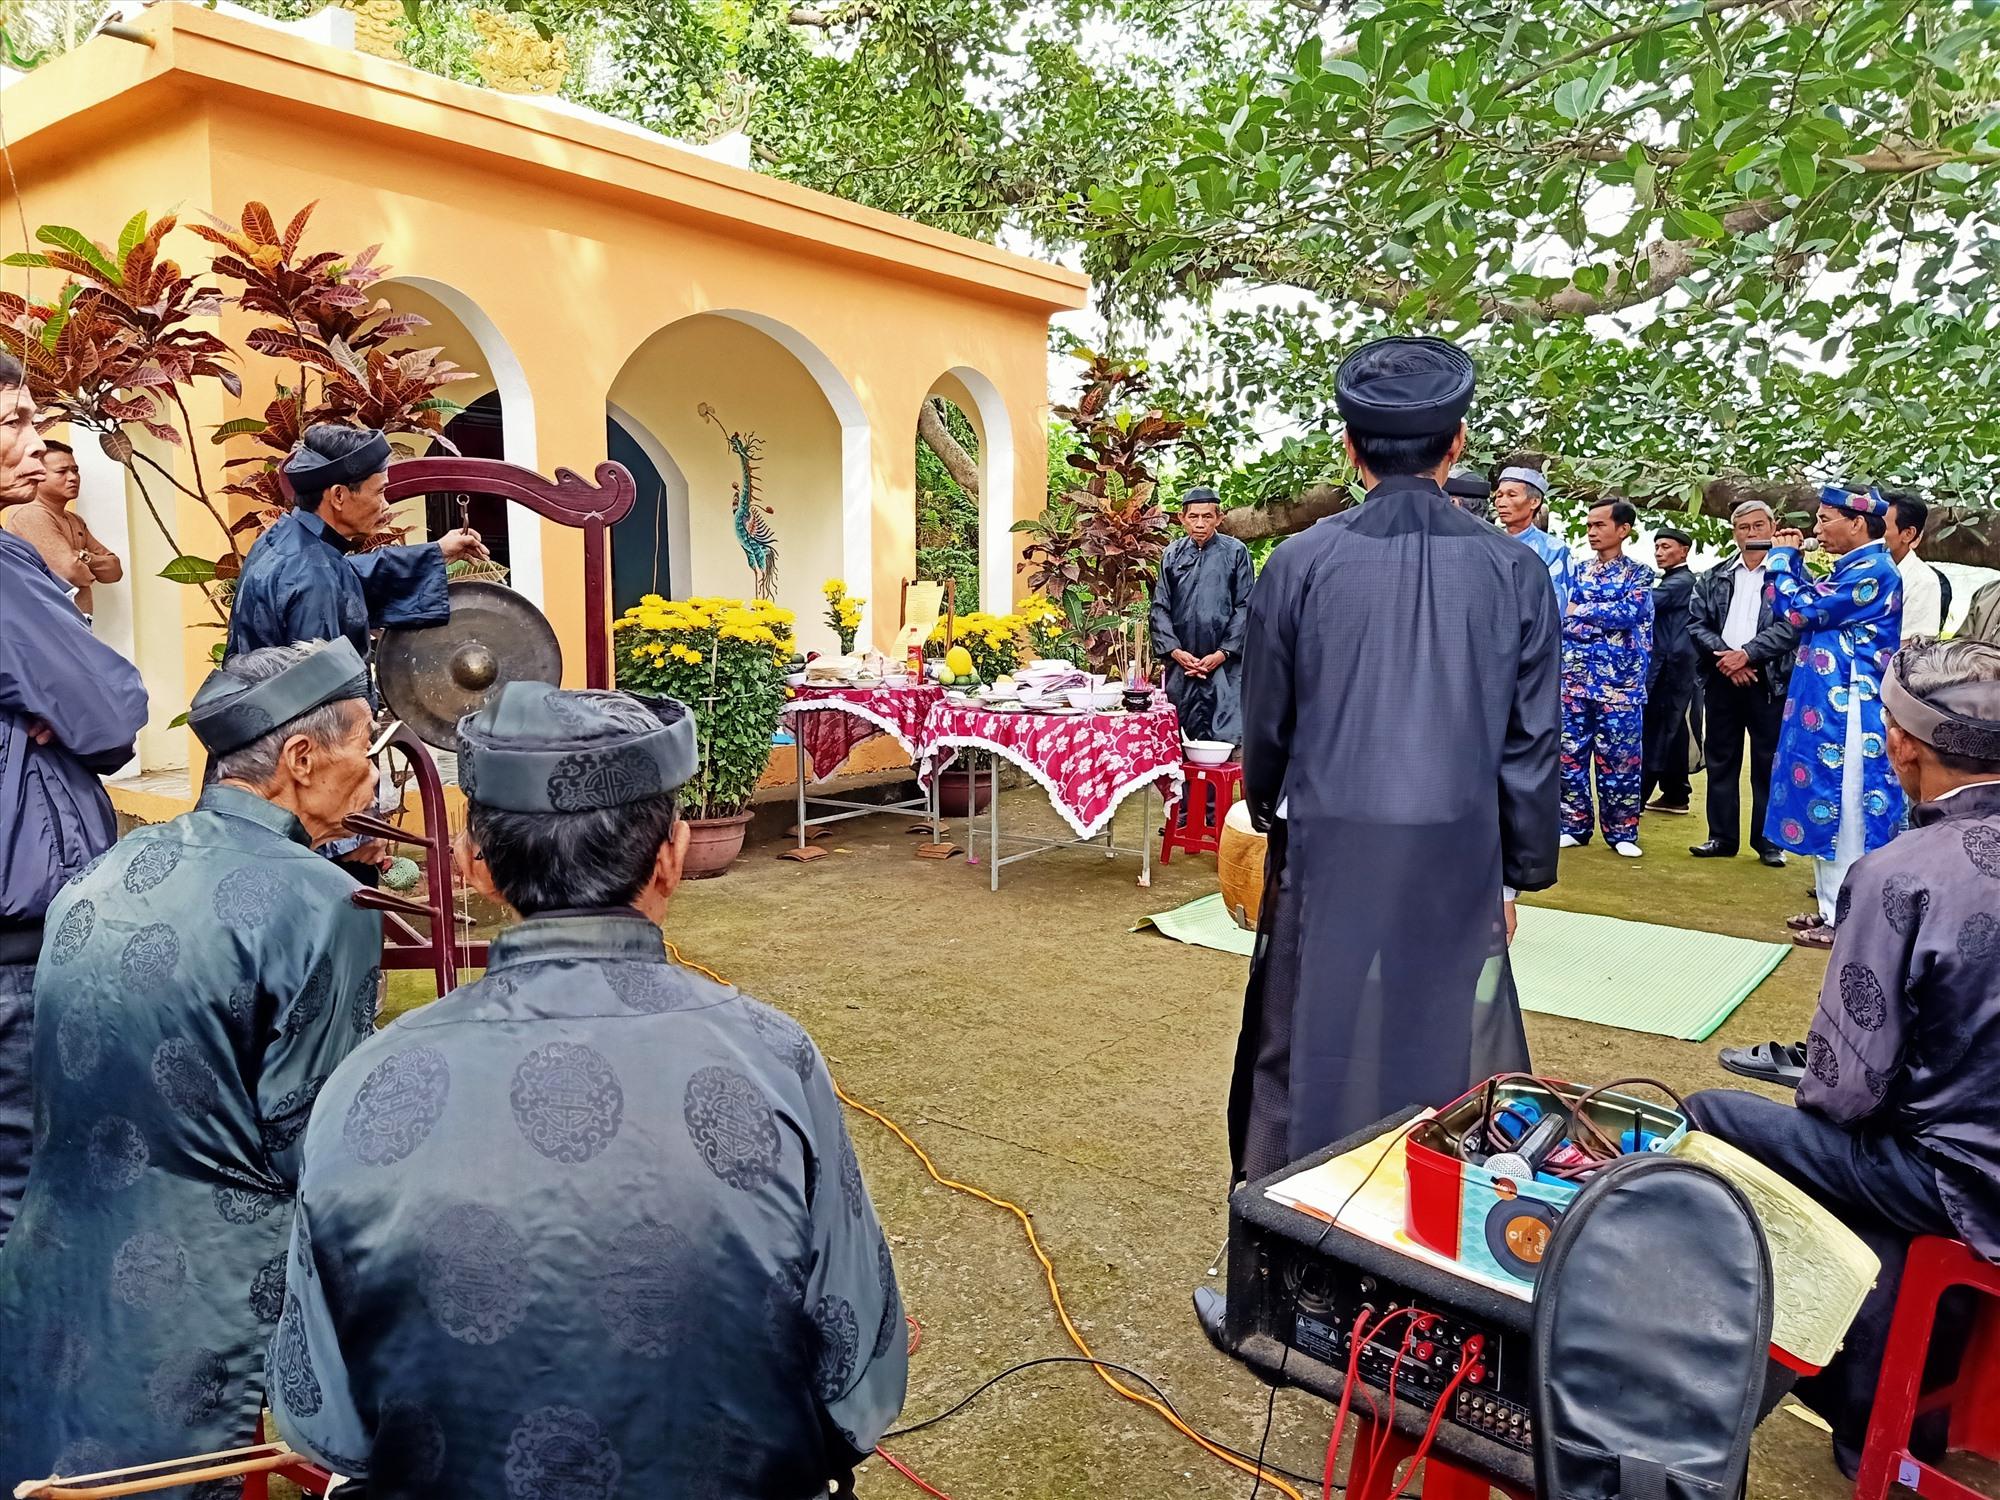 Lễ cúng tế tại Dinh Bà Ngũ Hành, thôn Nghĩa Tây, sáng 16 tháng Giêng. Ảnh: HOÀNG LIÊN